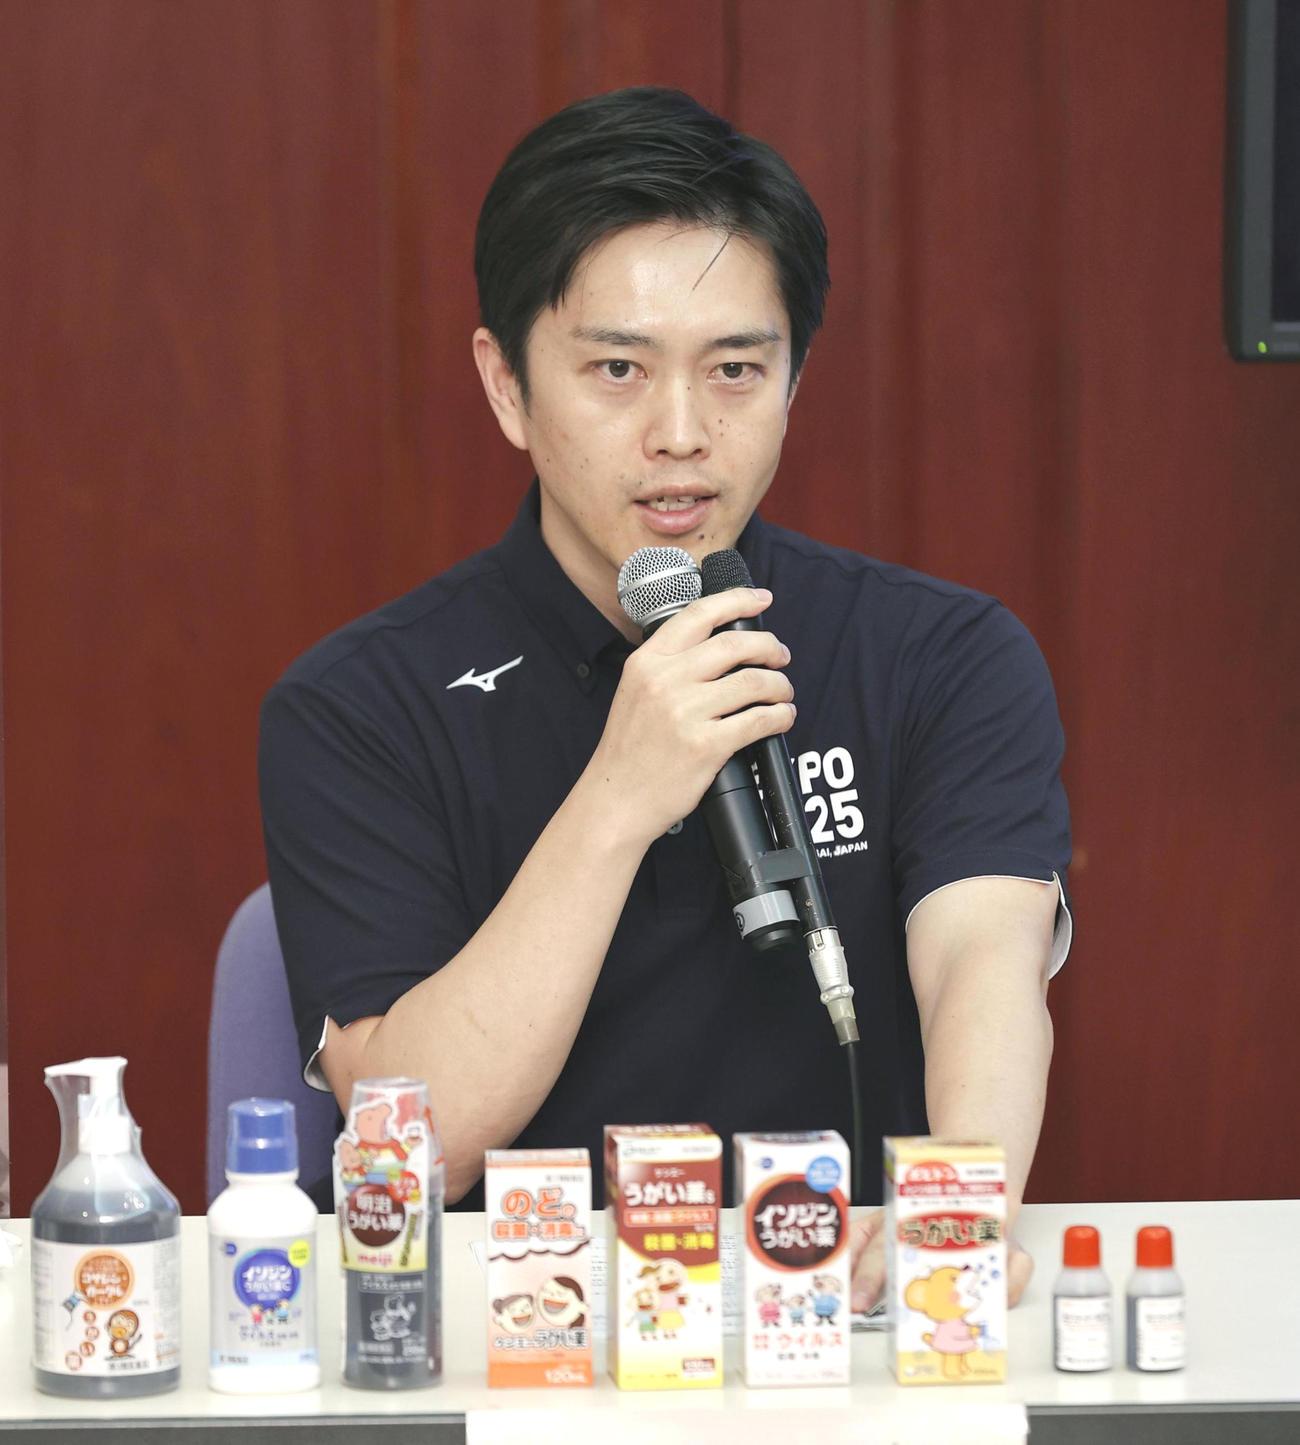 記者会見でうがい薬の使用を呼び掛ける大阪府の吉村洋文知事(共同)